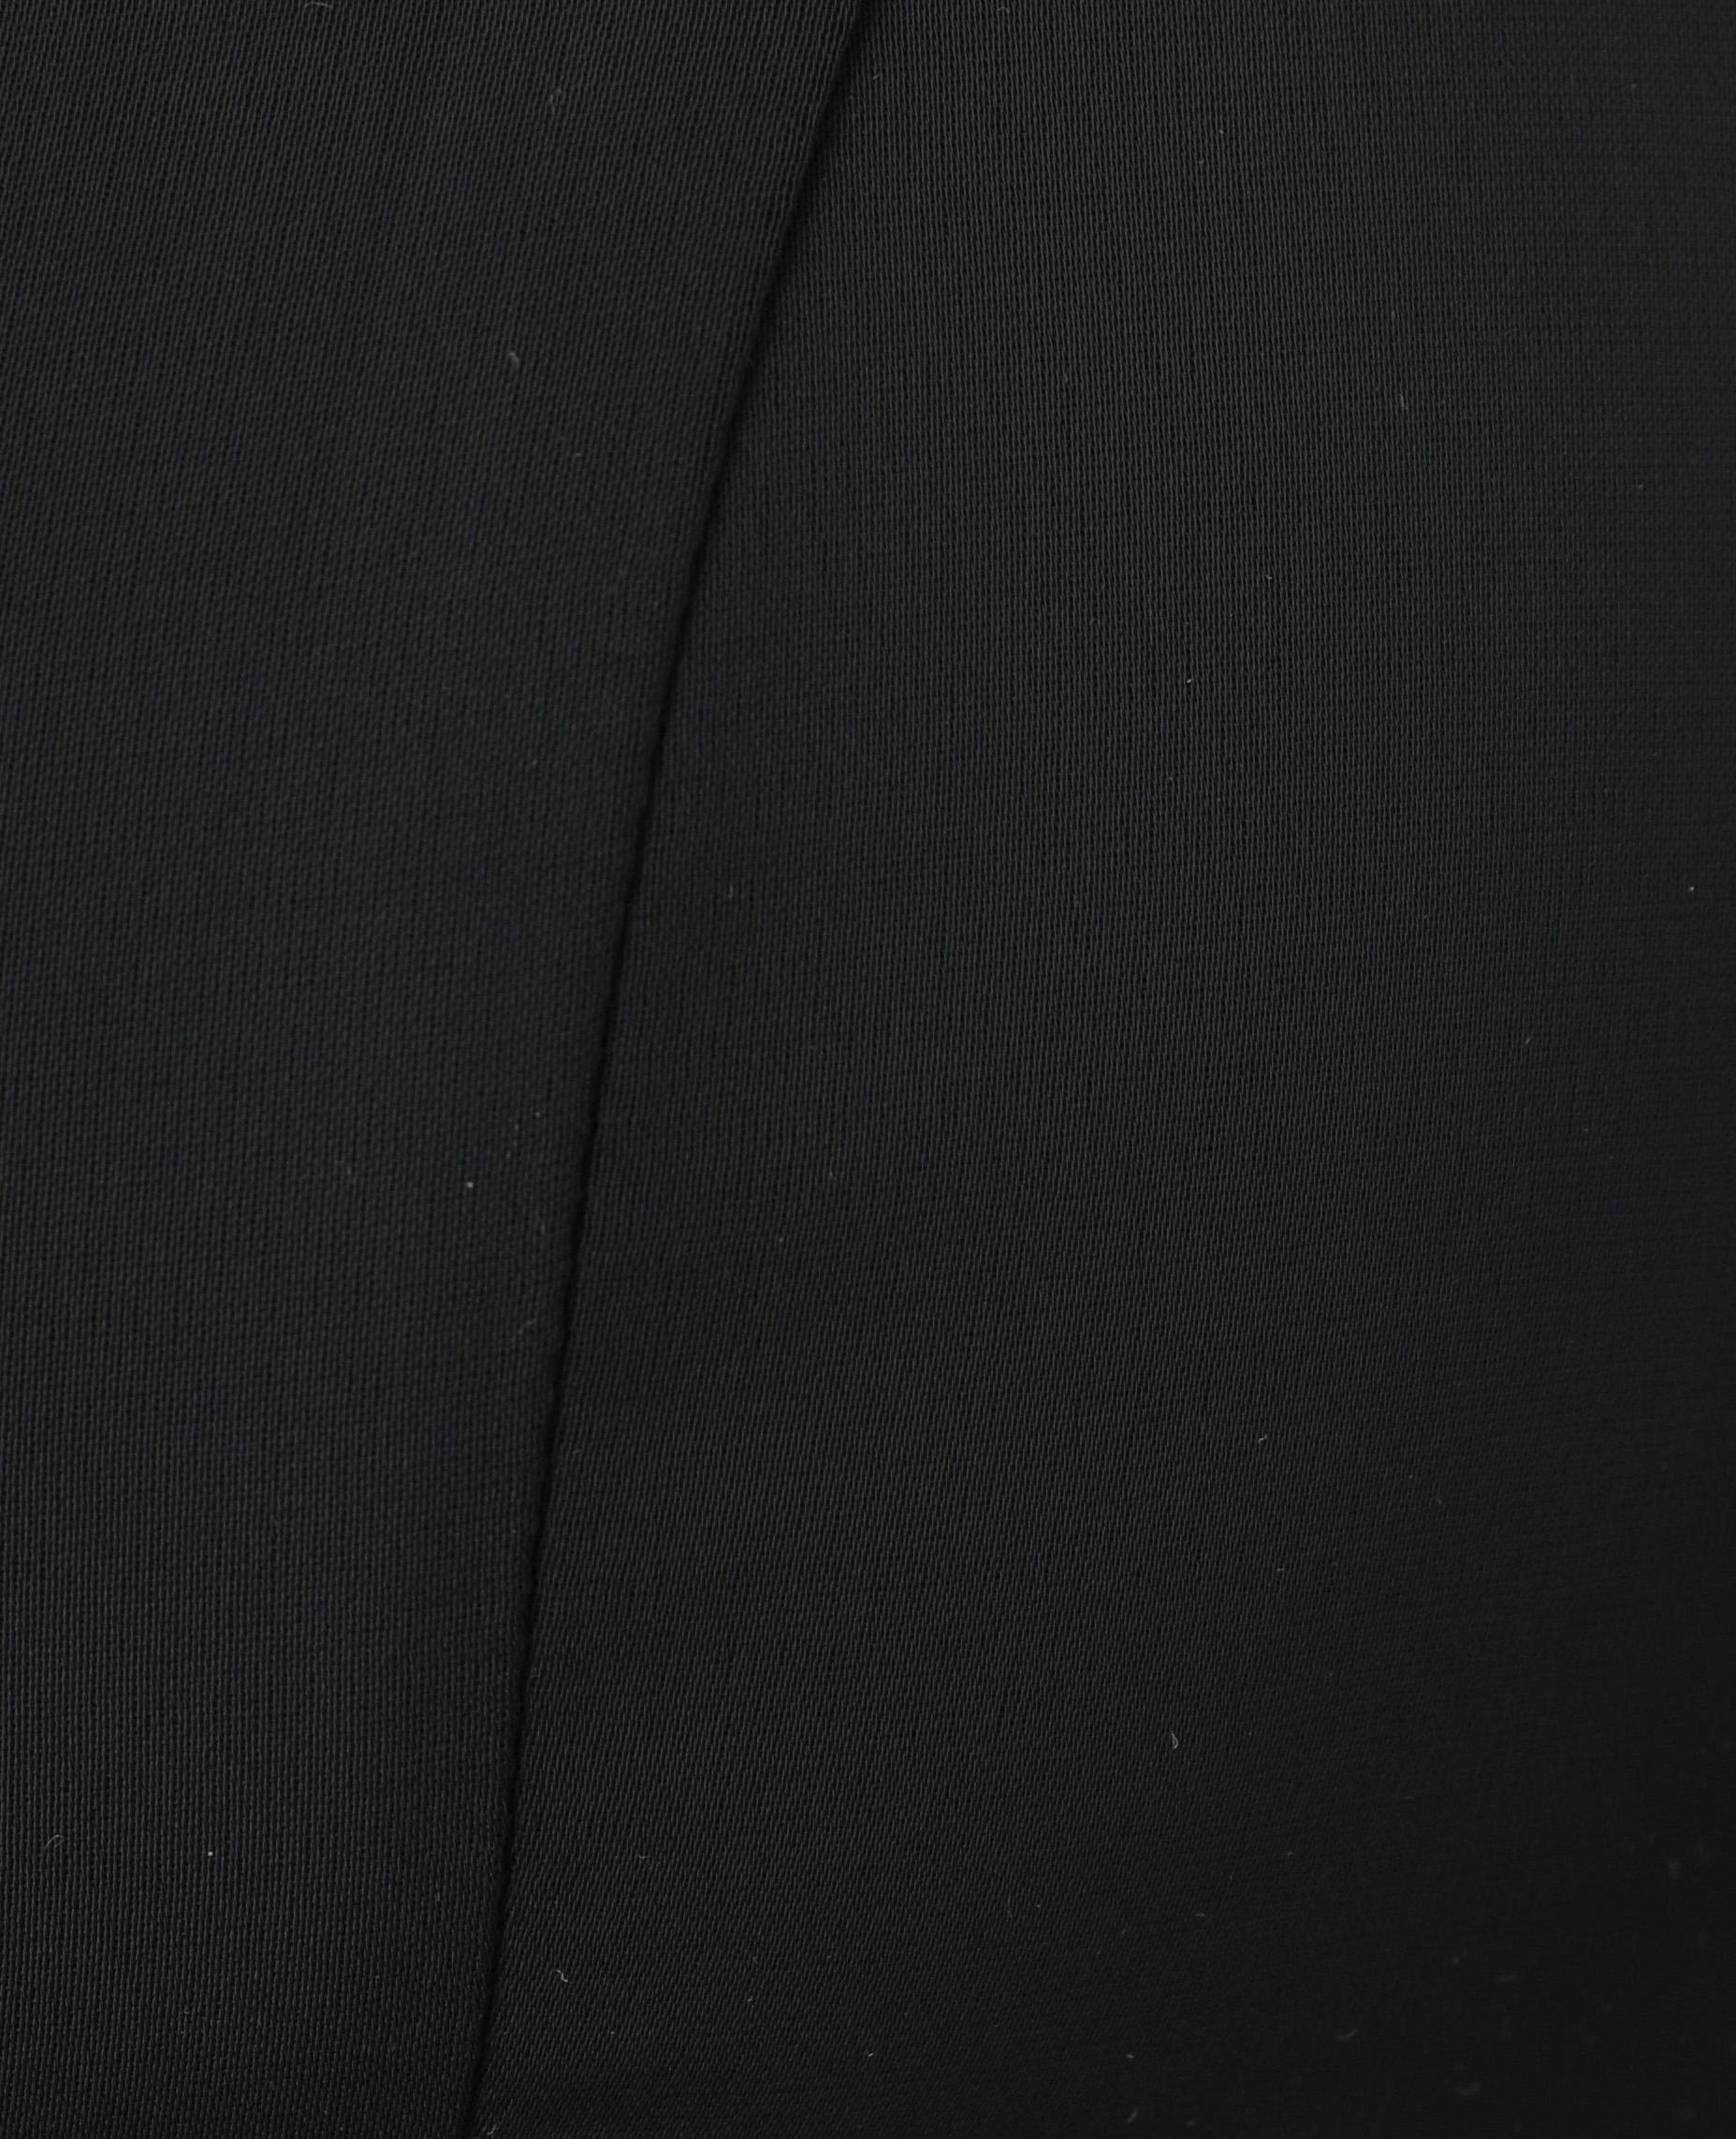 Brassière effet soie noir - Pimkie